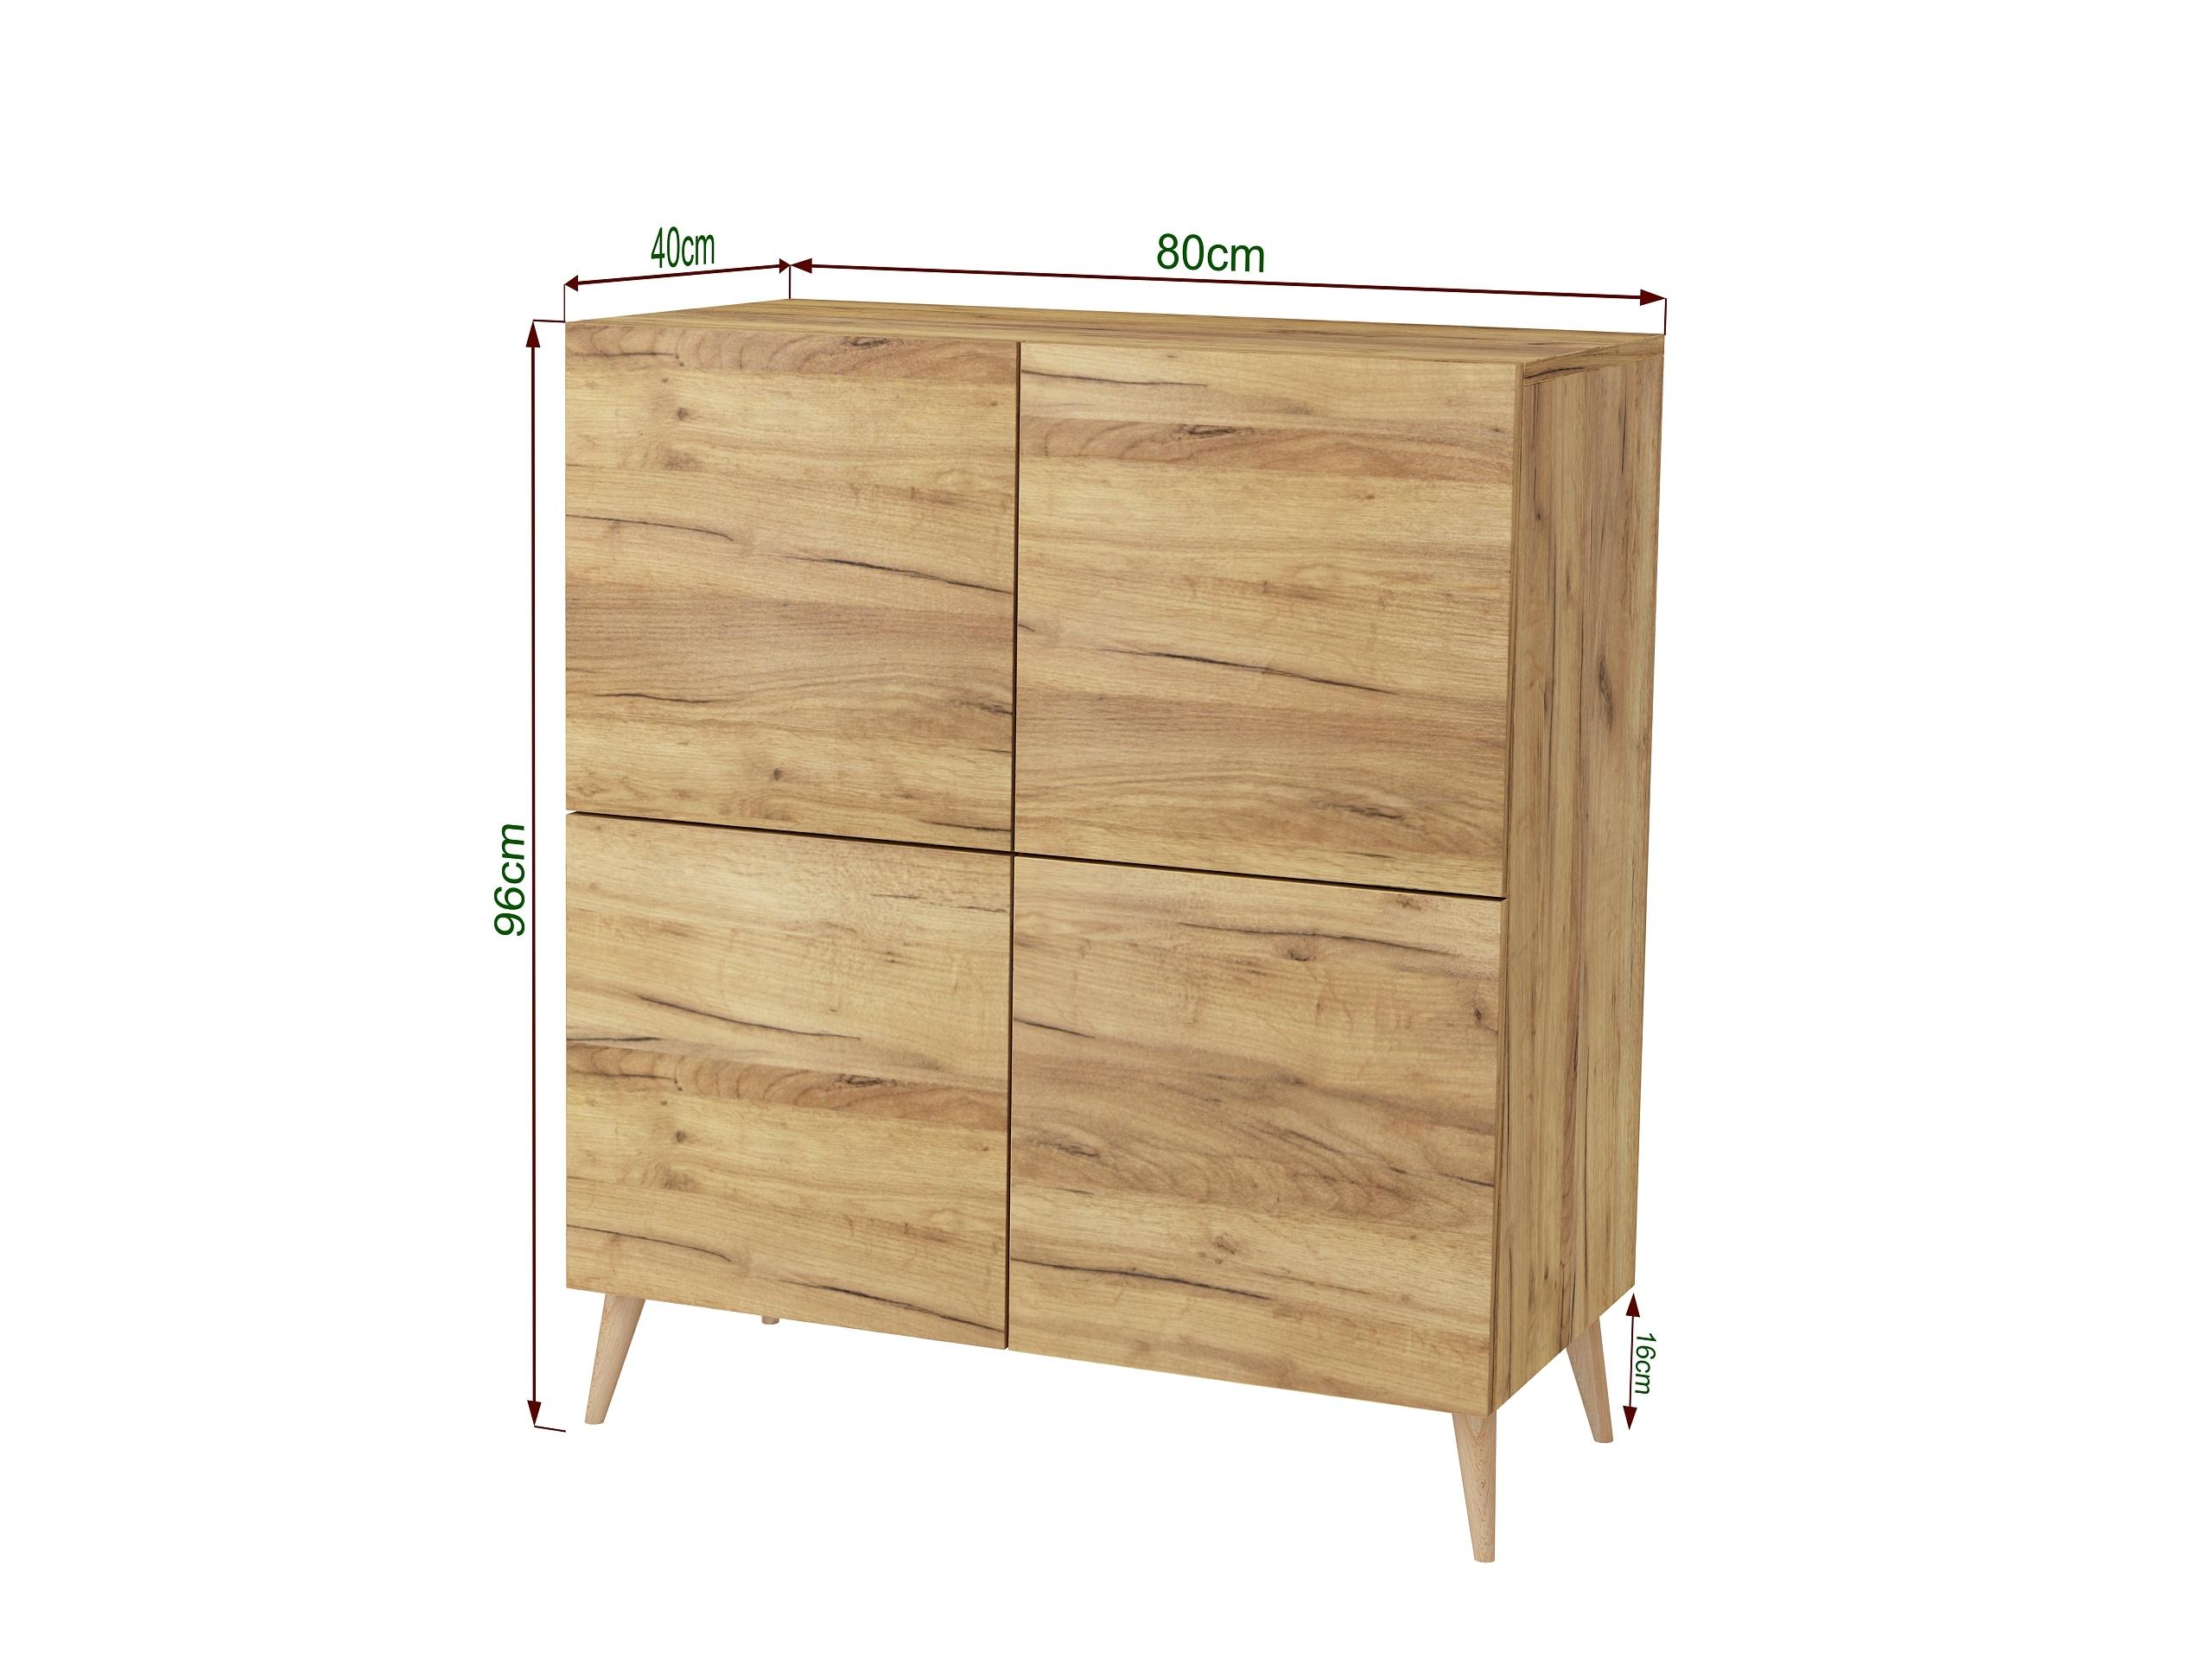 dąb złoty, dąb craft, komoda z nogami, stojąca komoda w kolorze drewna, wisząca komoda do salonu